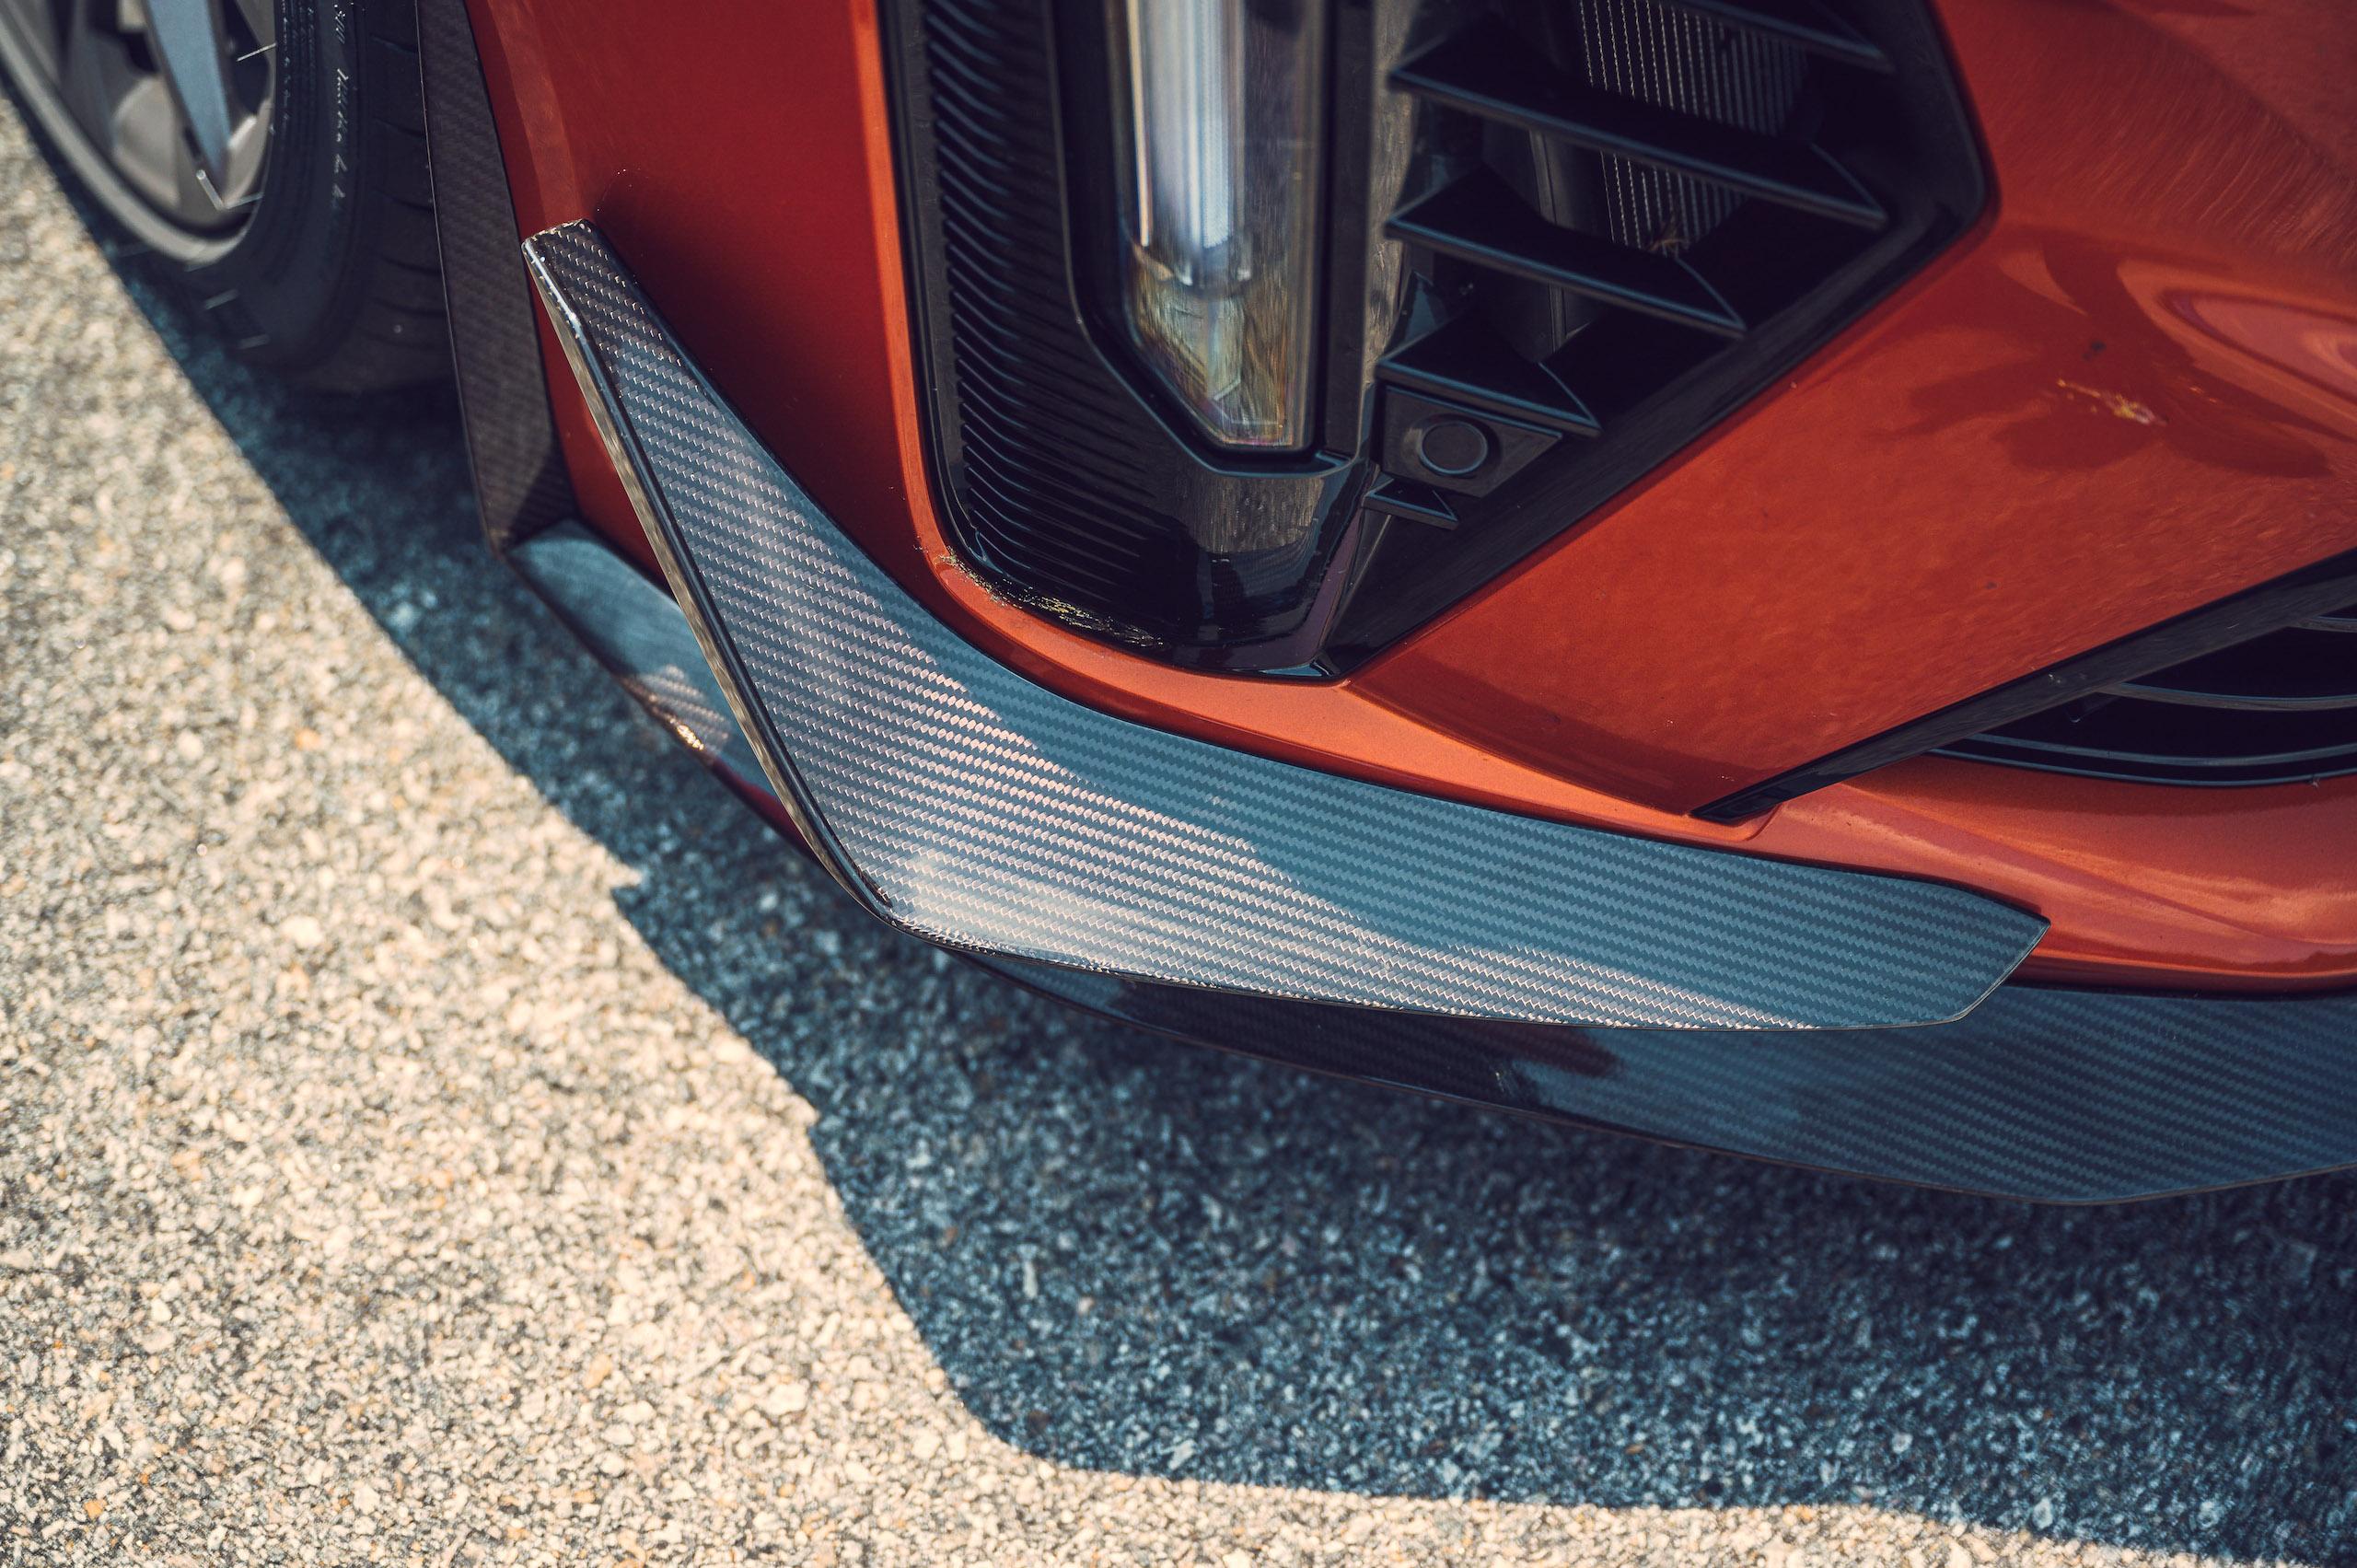 CT4-V Blackwing carbon detail